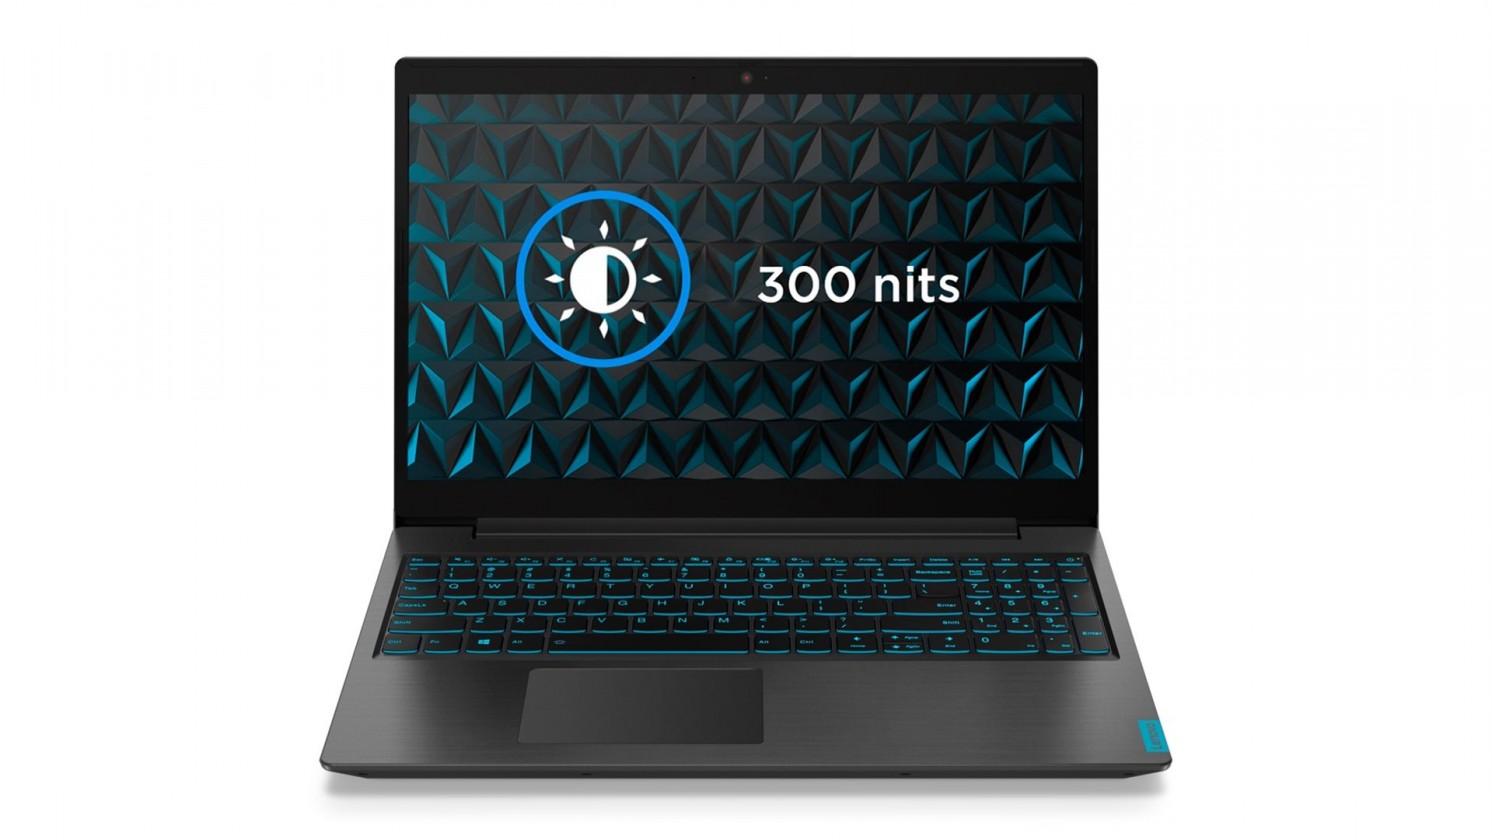 """Herné notebook Herný notebook Lenovo L340 15.6"""" i5 8G, 128G+1T, 3GB, 81LK0031CK"""